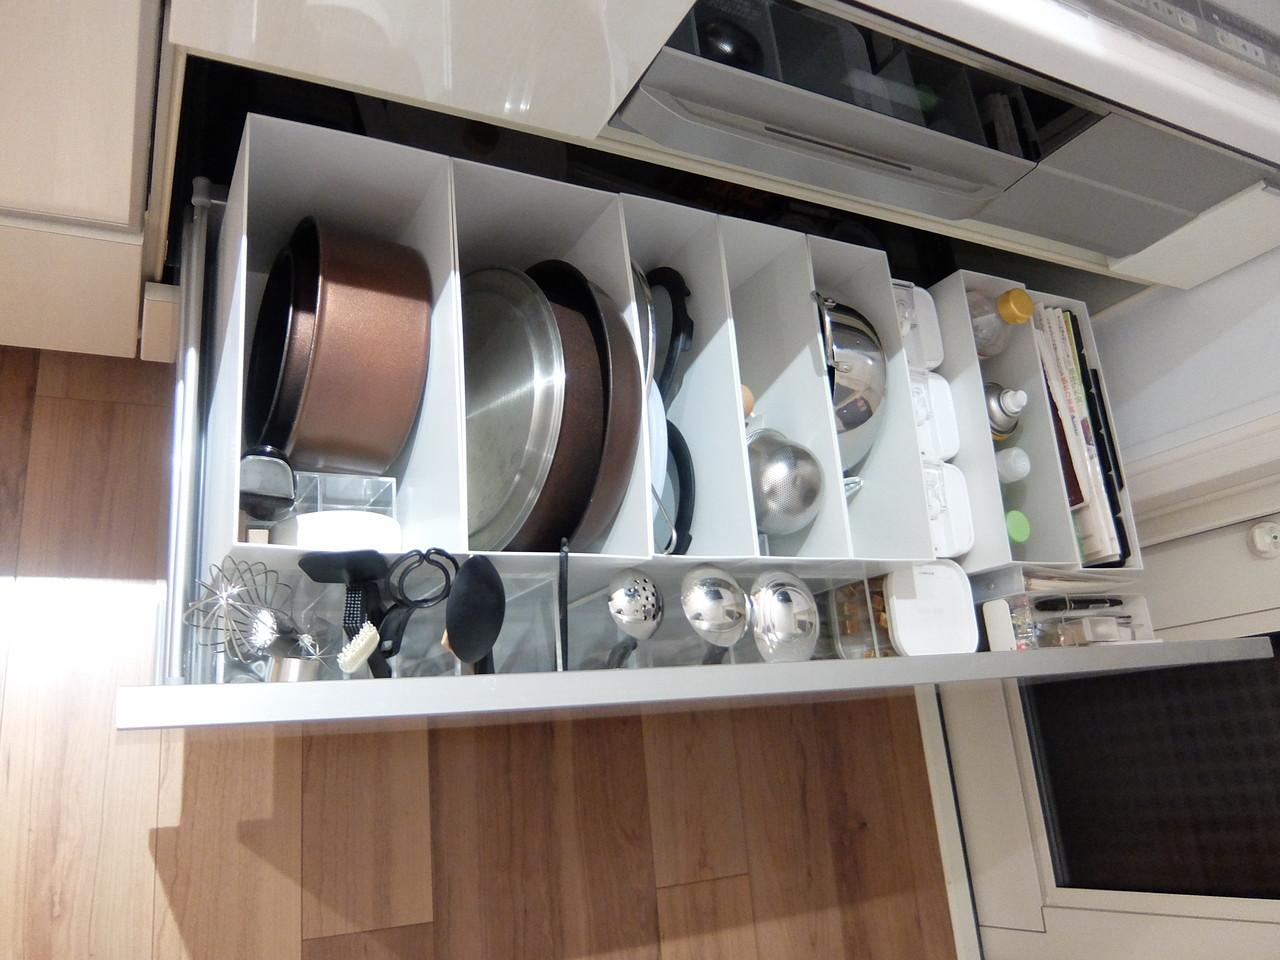 引出しの手前に、小物収納の引出し3段を抜いたものを二つ並べて、 □ お玉□ トング□ へら□ 菜箸といった、キッチンツールを収納しています。